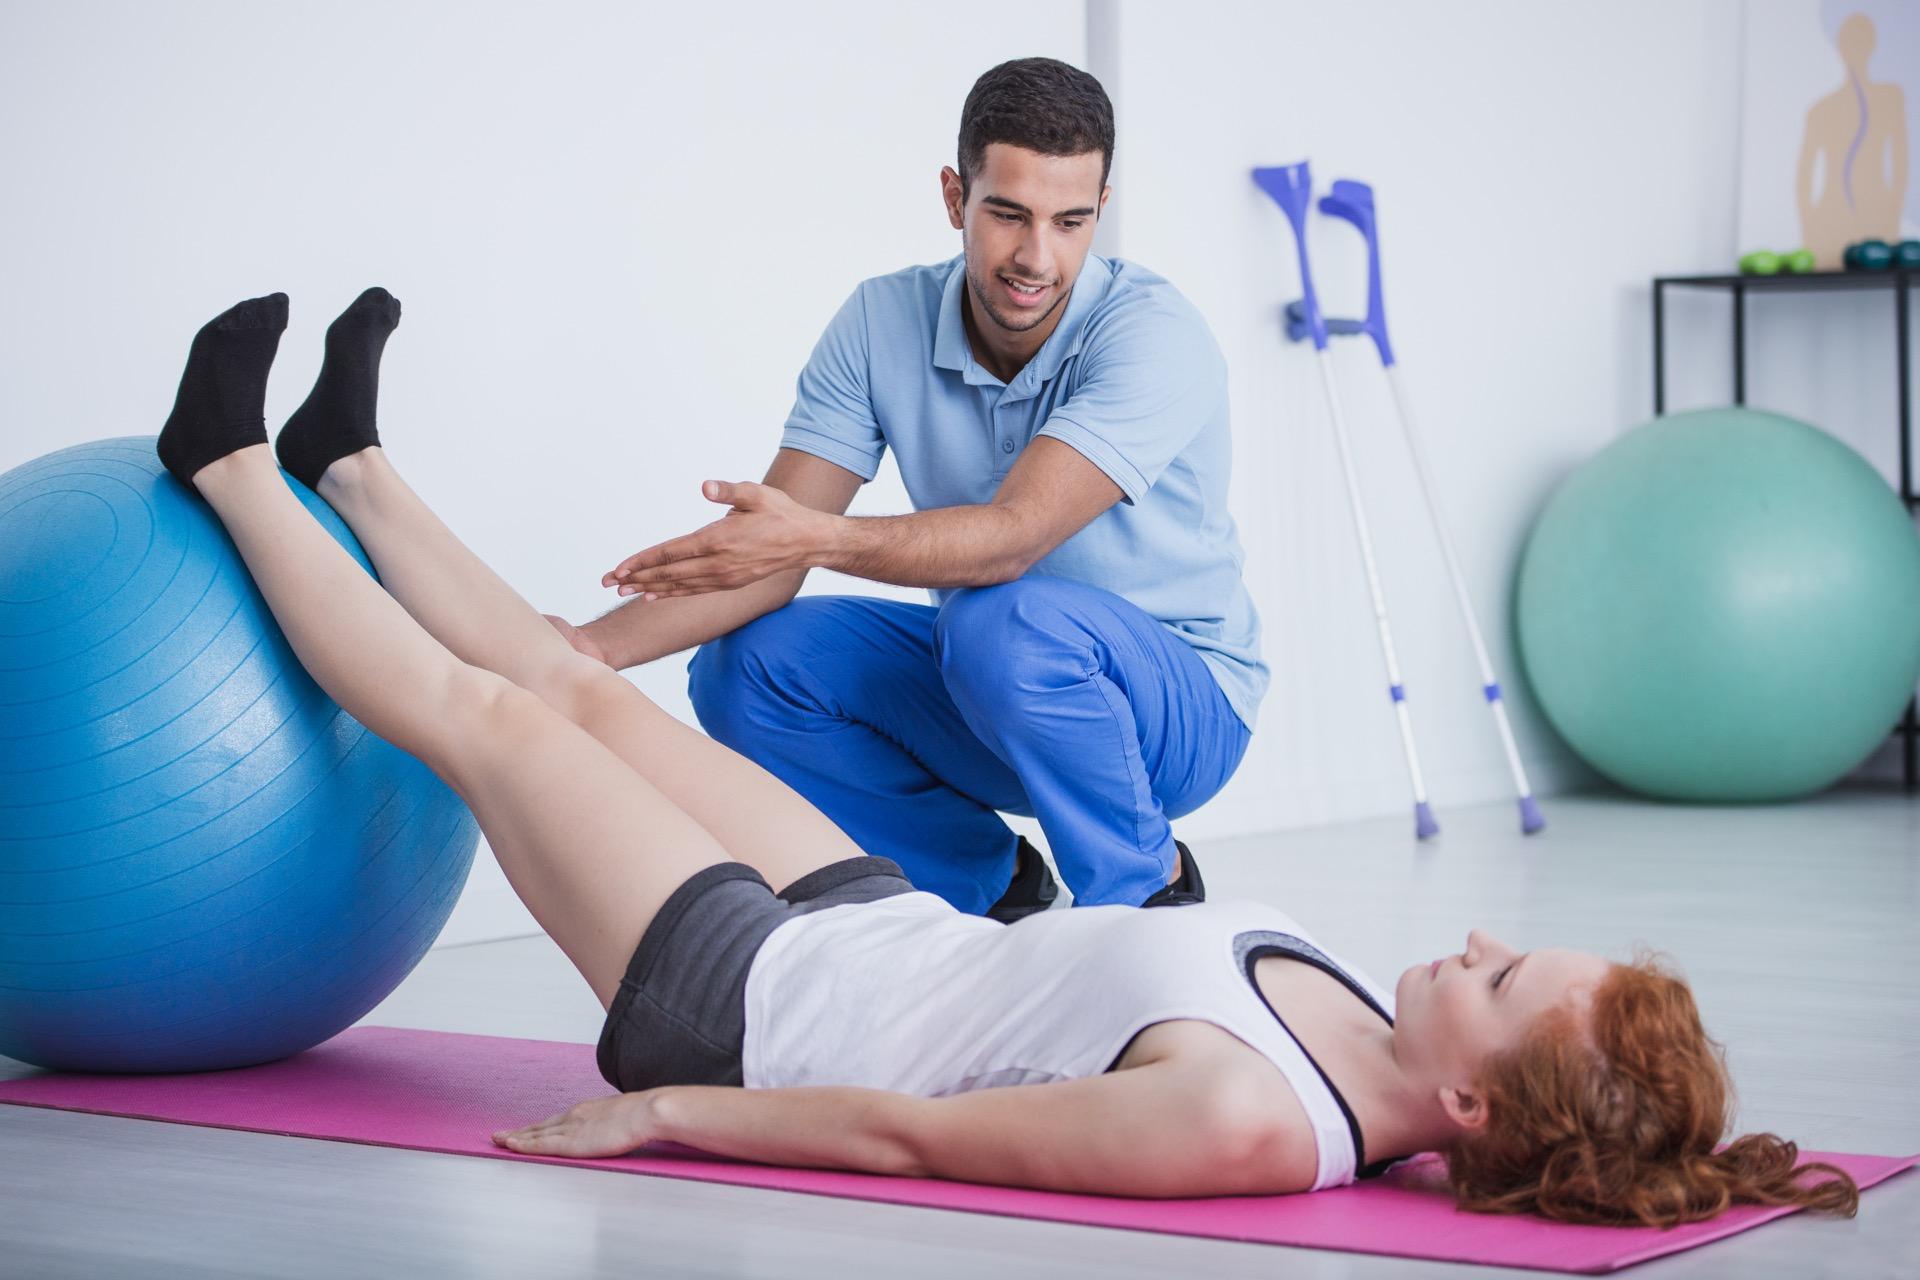 Protos-centro-medico_Fisioterapia-ginnastica-correttiva